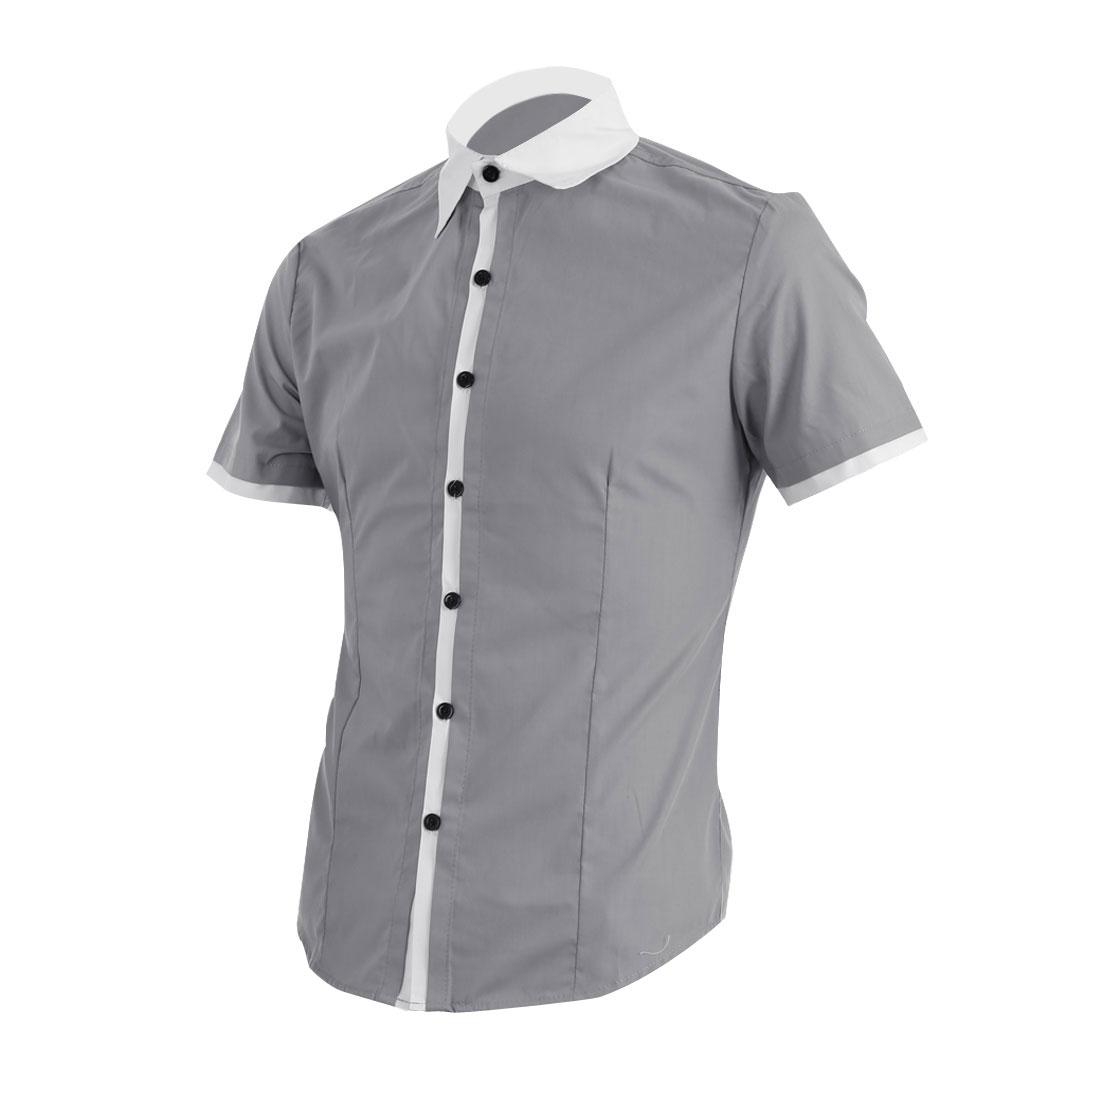 Men Point Collar Button Up Short Sleeve Casual Shirt Light Gray M